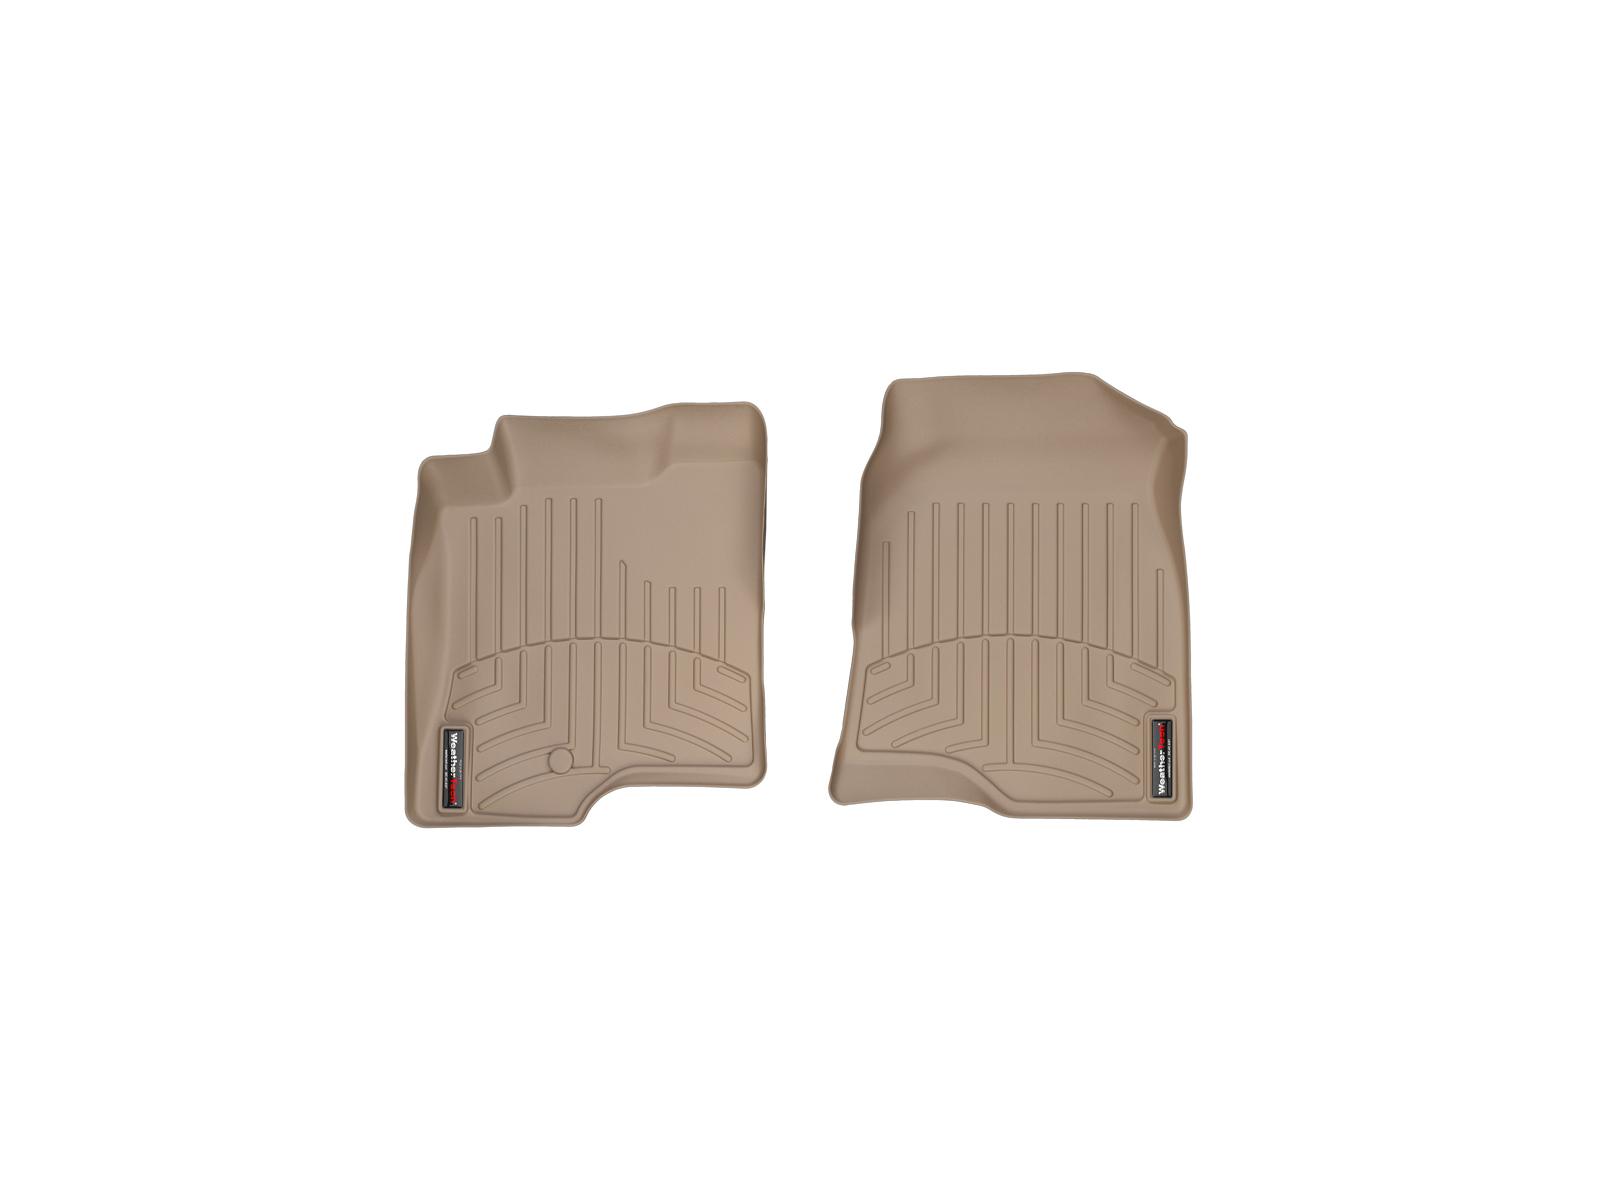 Tappeti gomma su misura bordo alto Chevrolet Captiva 06>11 Marrone A108*